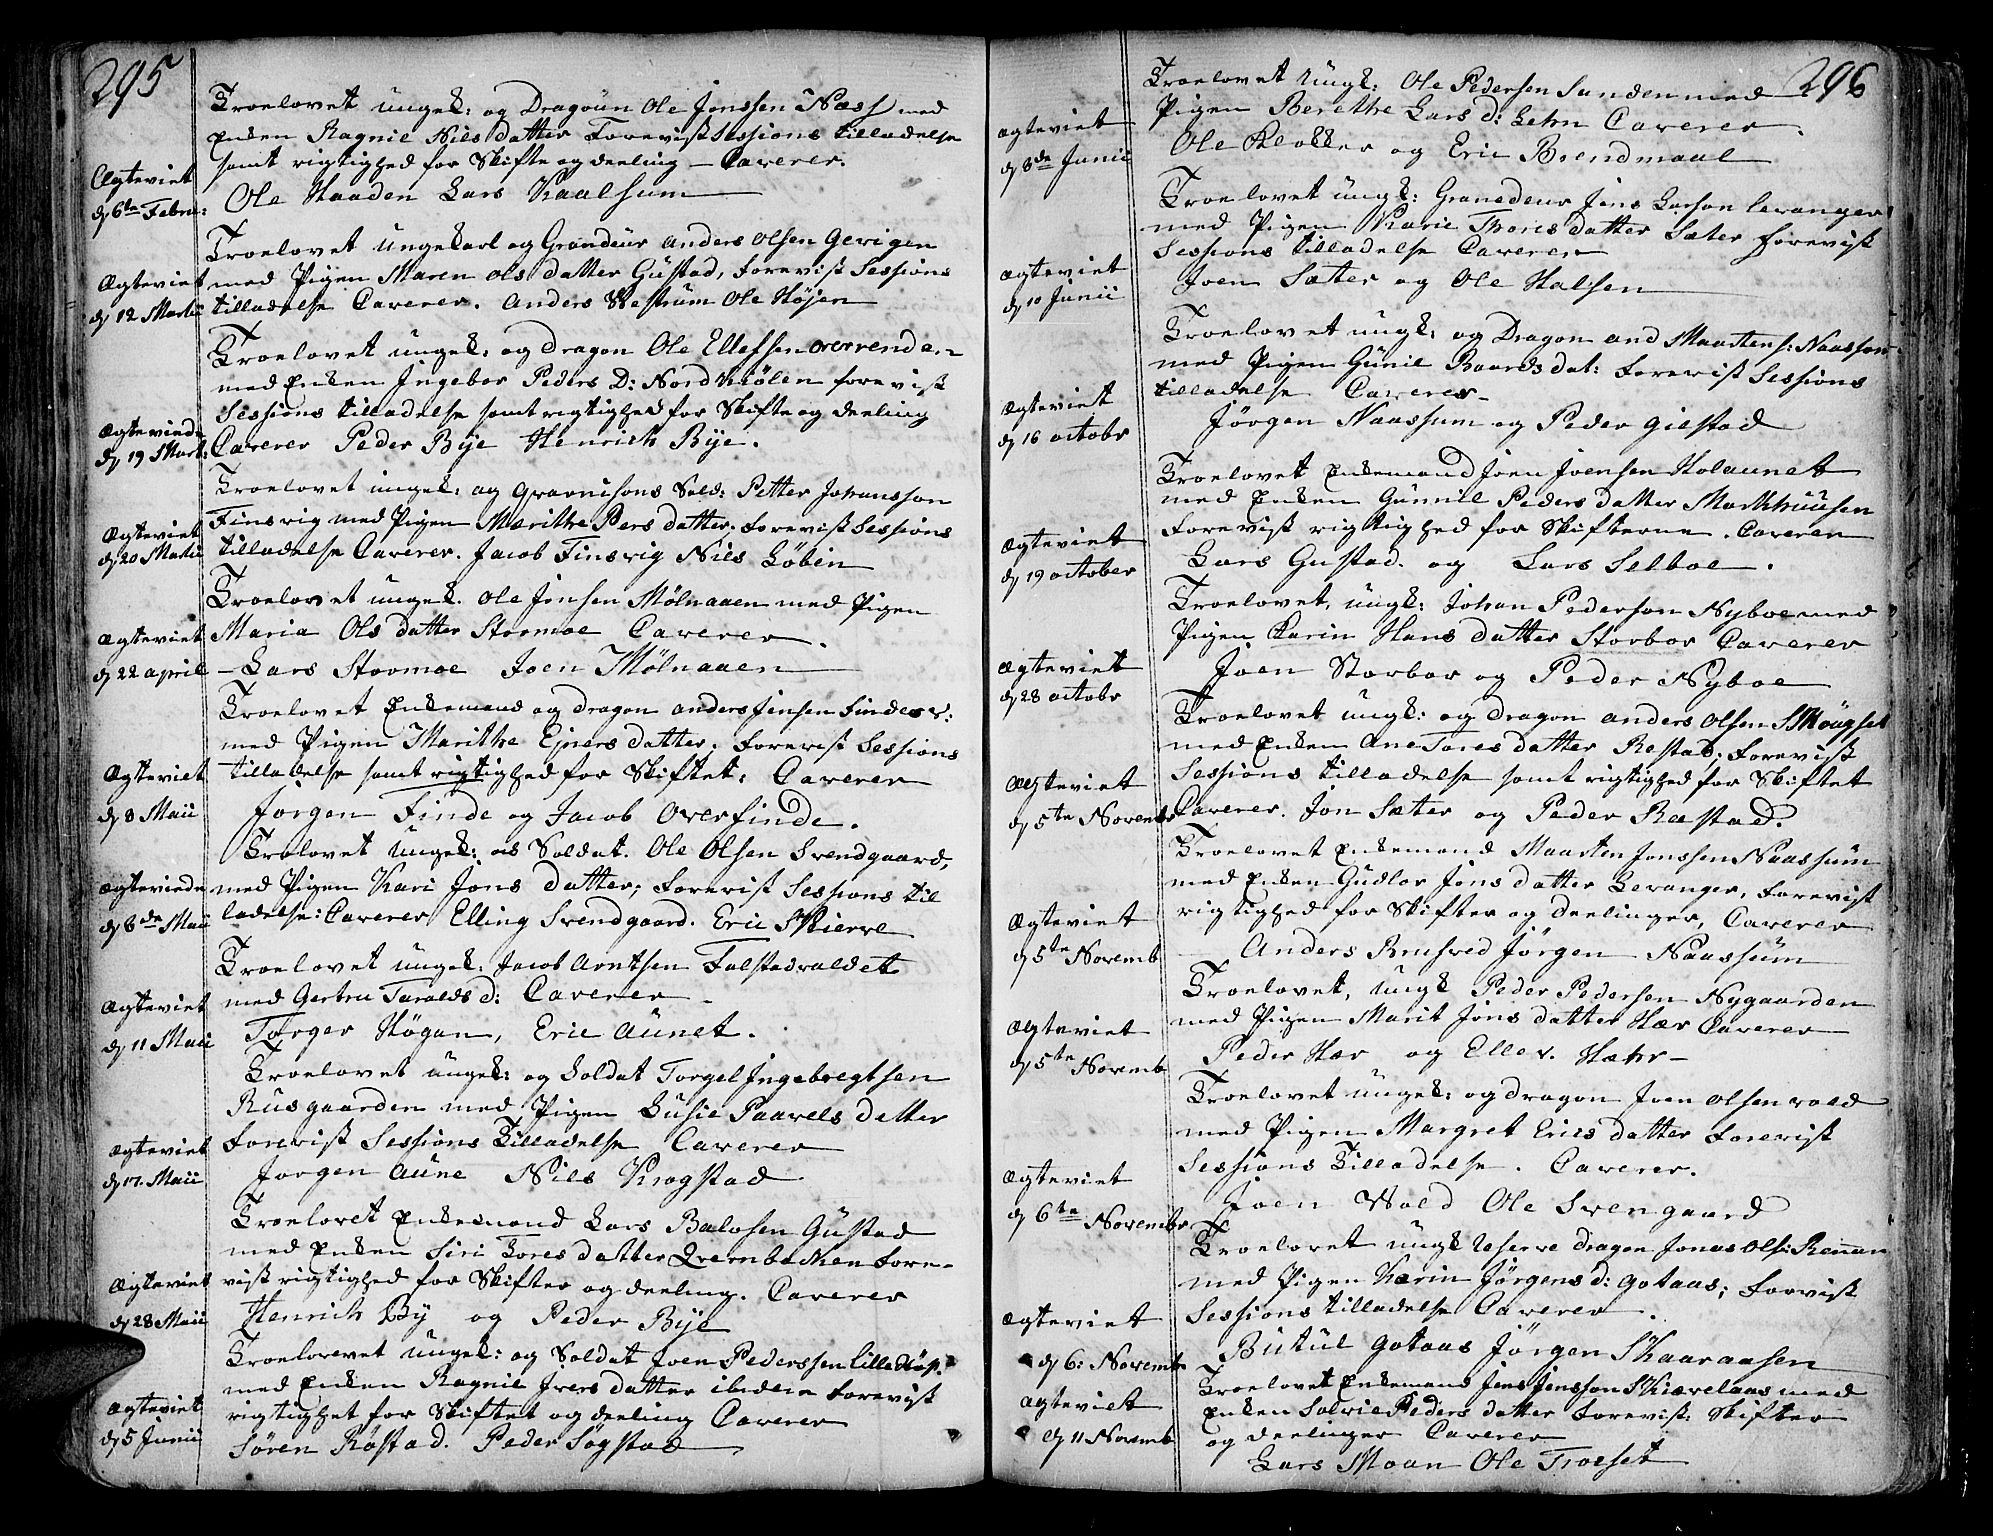 SAT, Ministerialprotokoller, klokkerbøker og fødselsregistre - Nord-Trøndelag, 717/L0141: Ministerialbok nr. 717A01, 1747-1803, s. 295-296